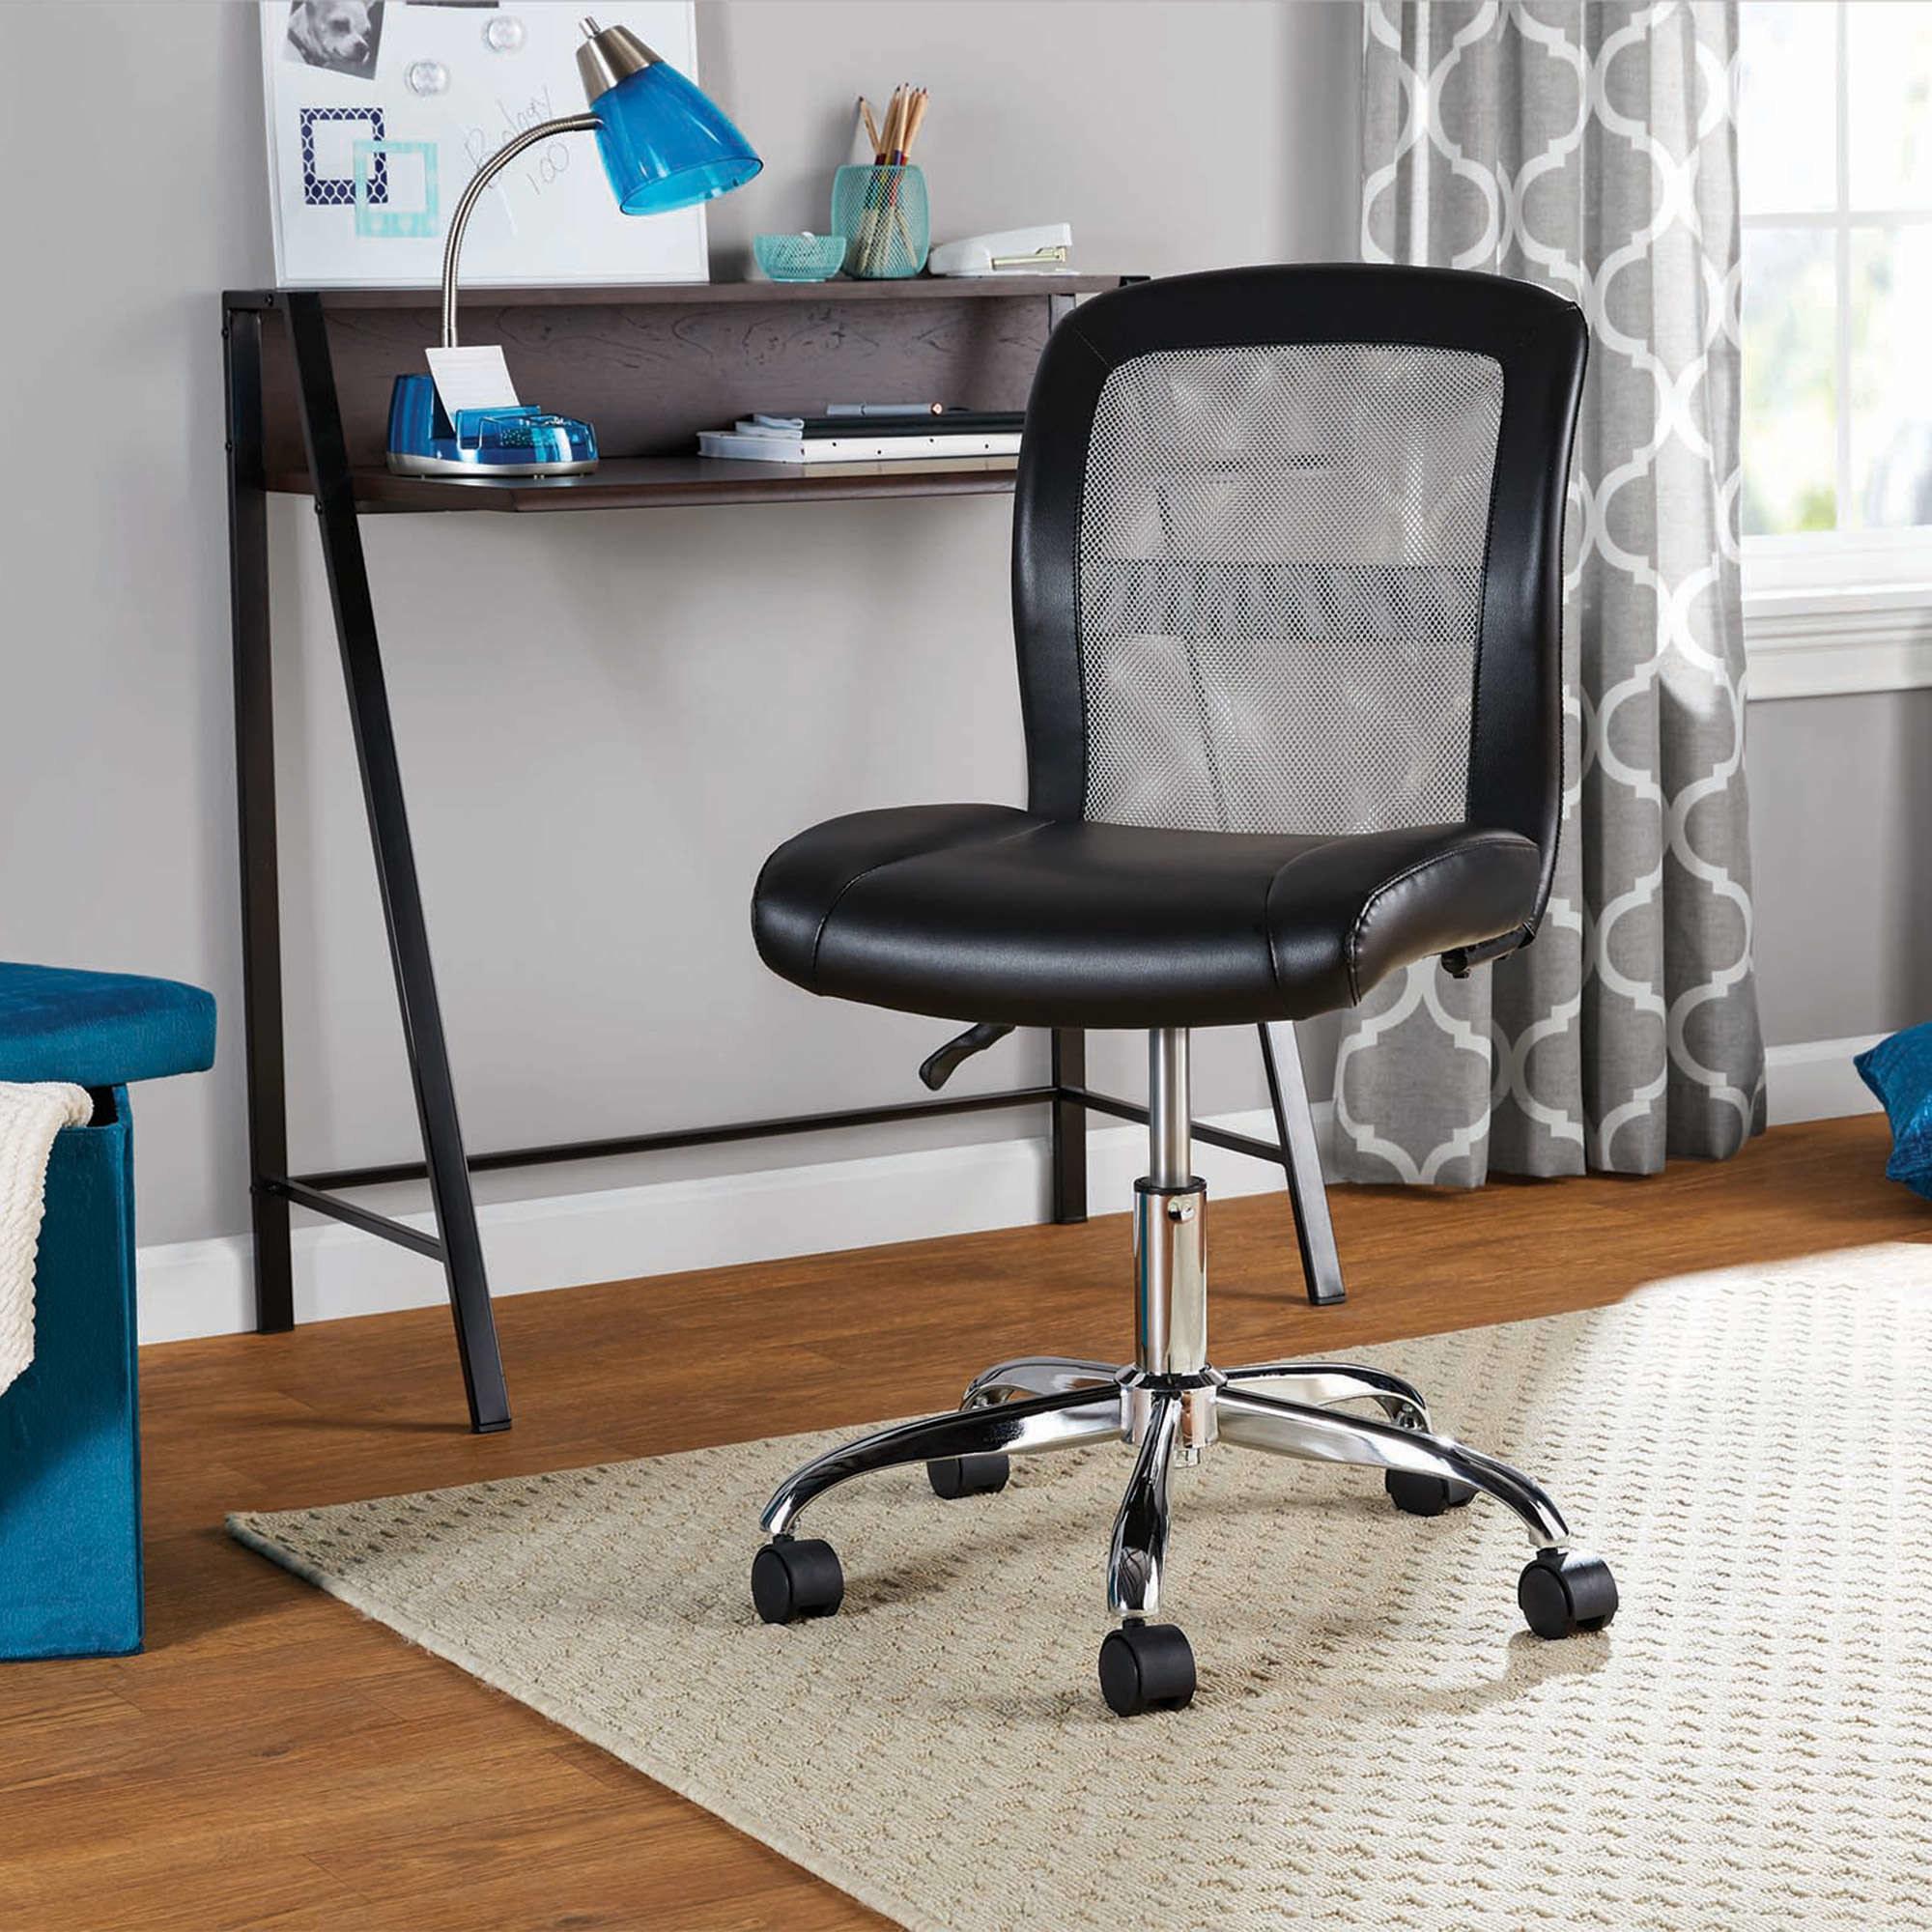 a black chair